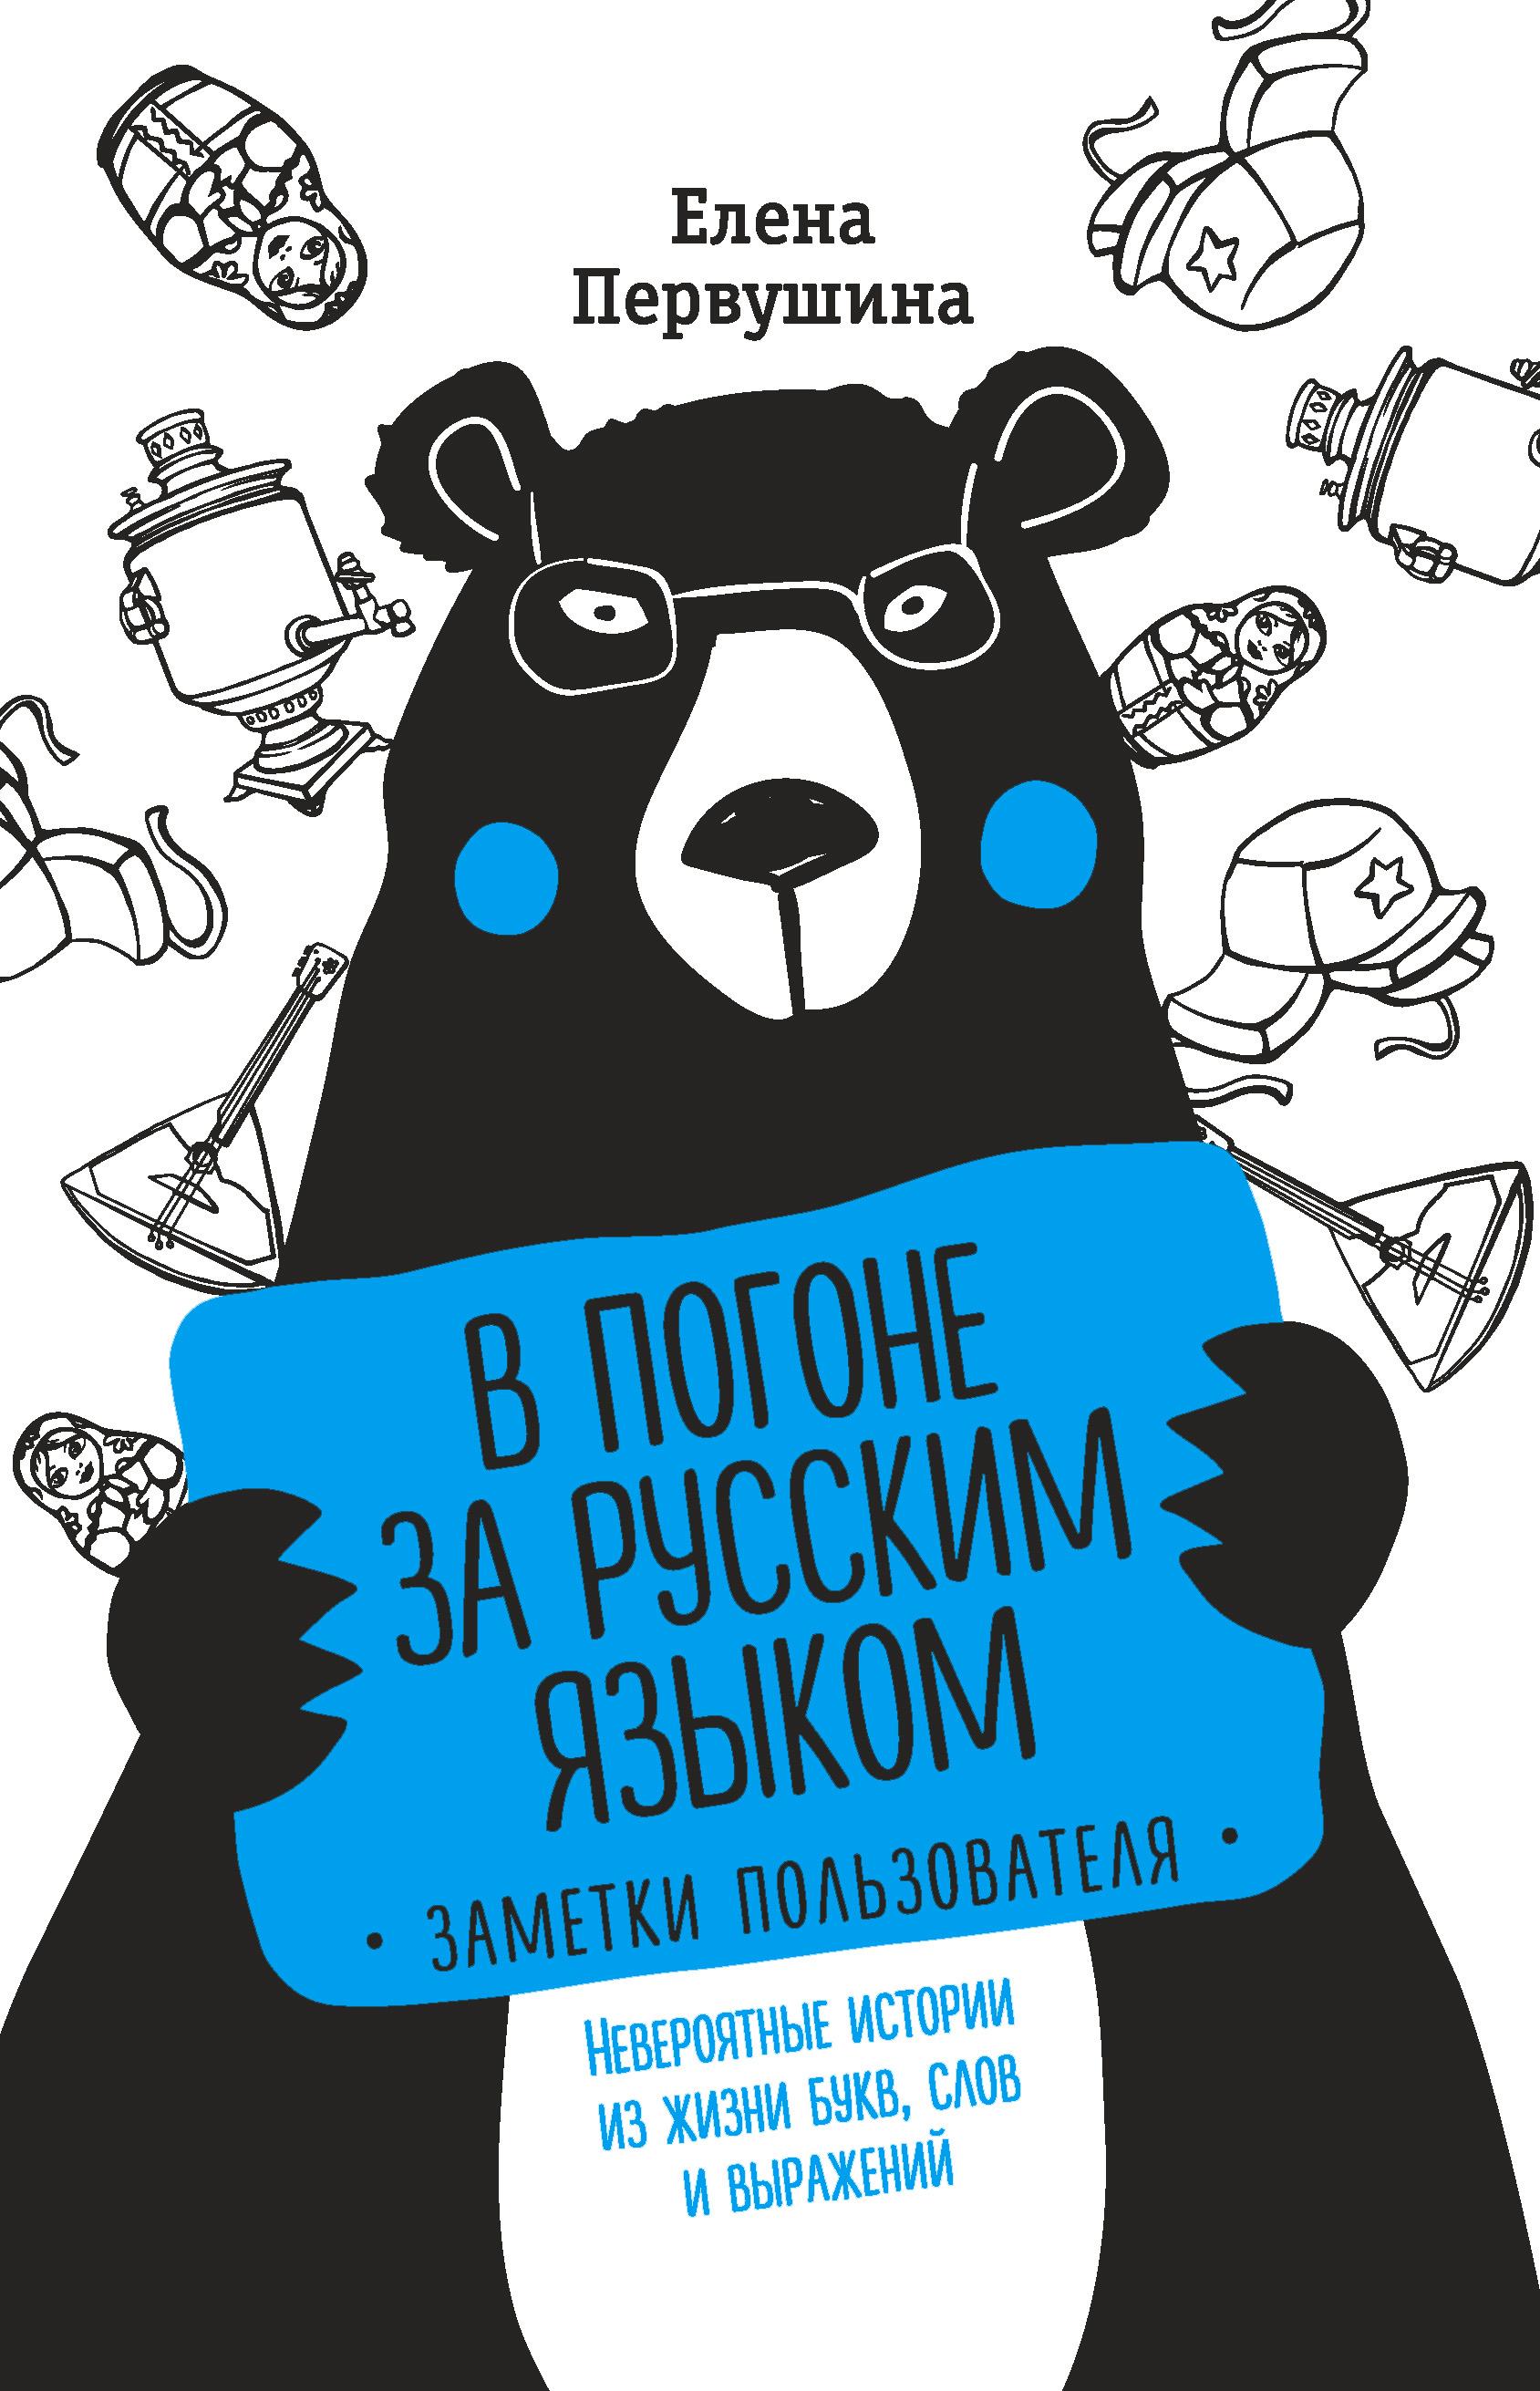 Елена Первушина В погоне за русским языком: заметки пользователя. Невероятные истории из жизни букв, слов и выражений